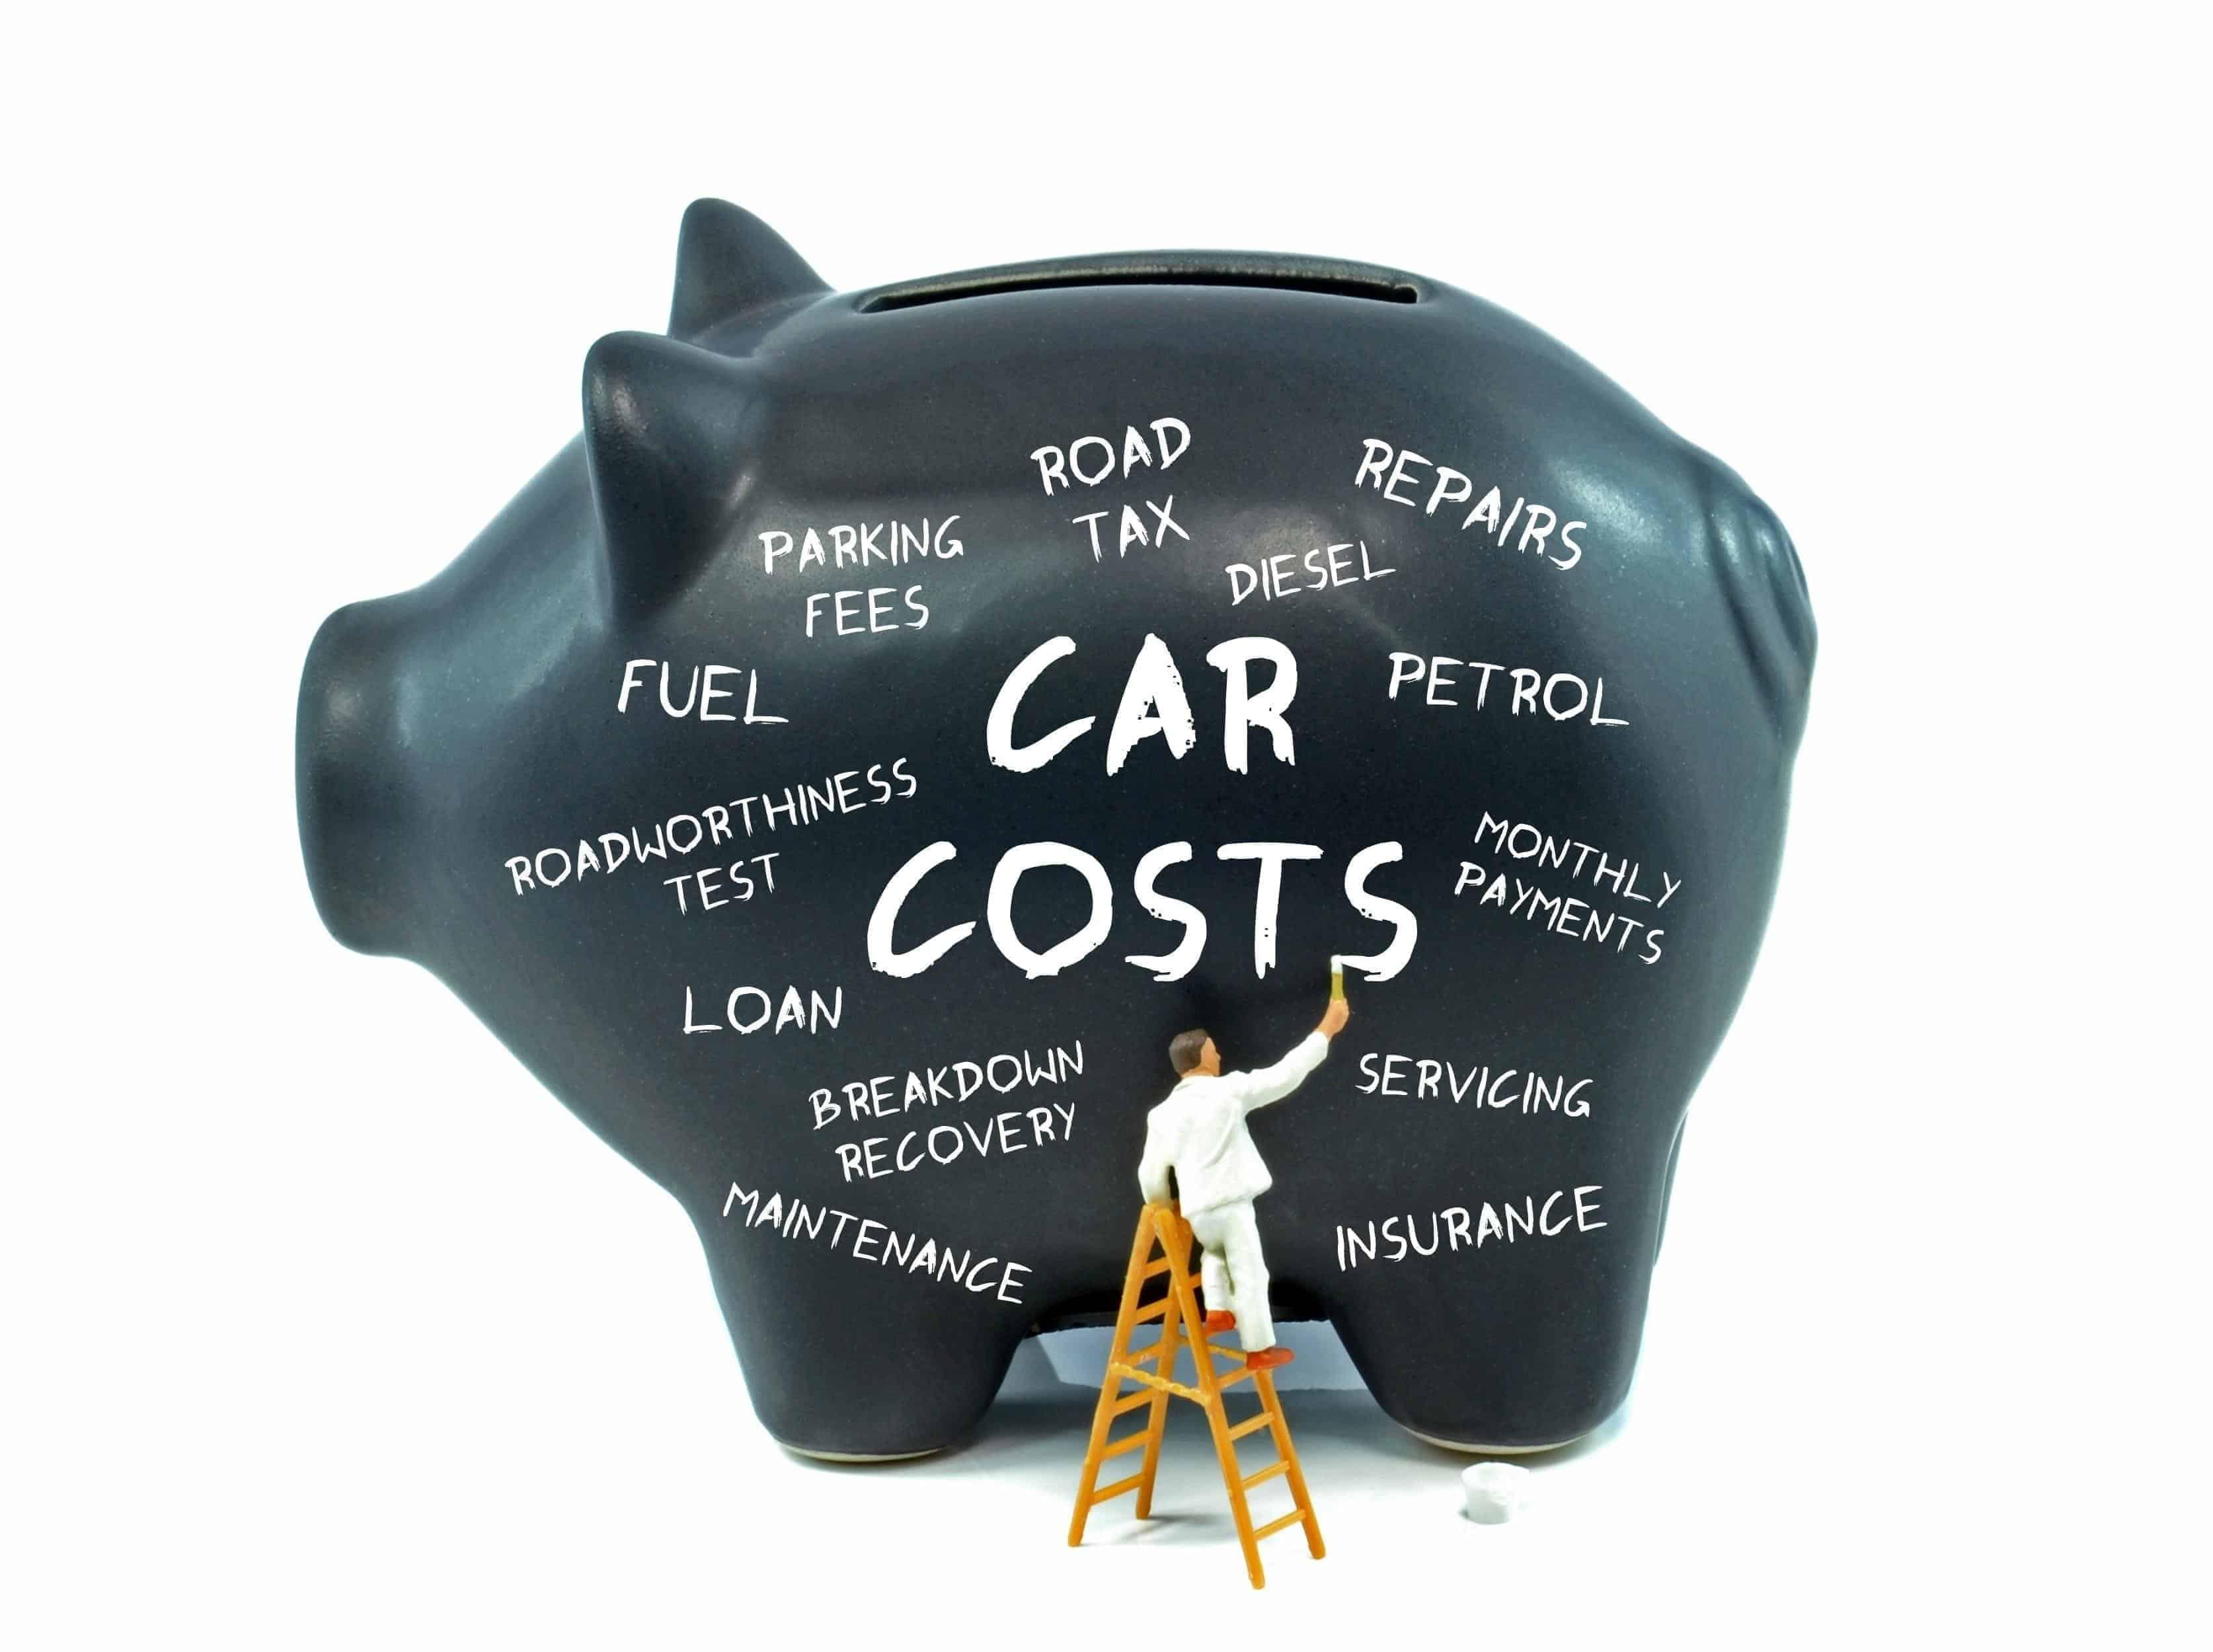 Custos com o Carro